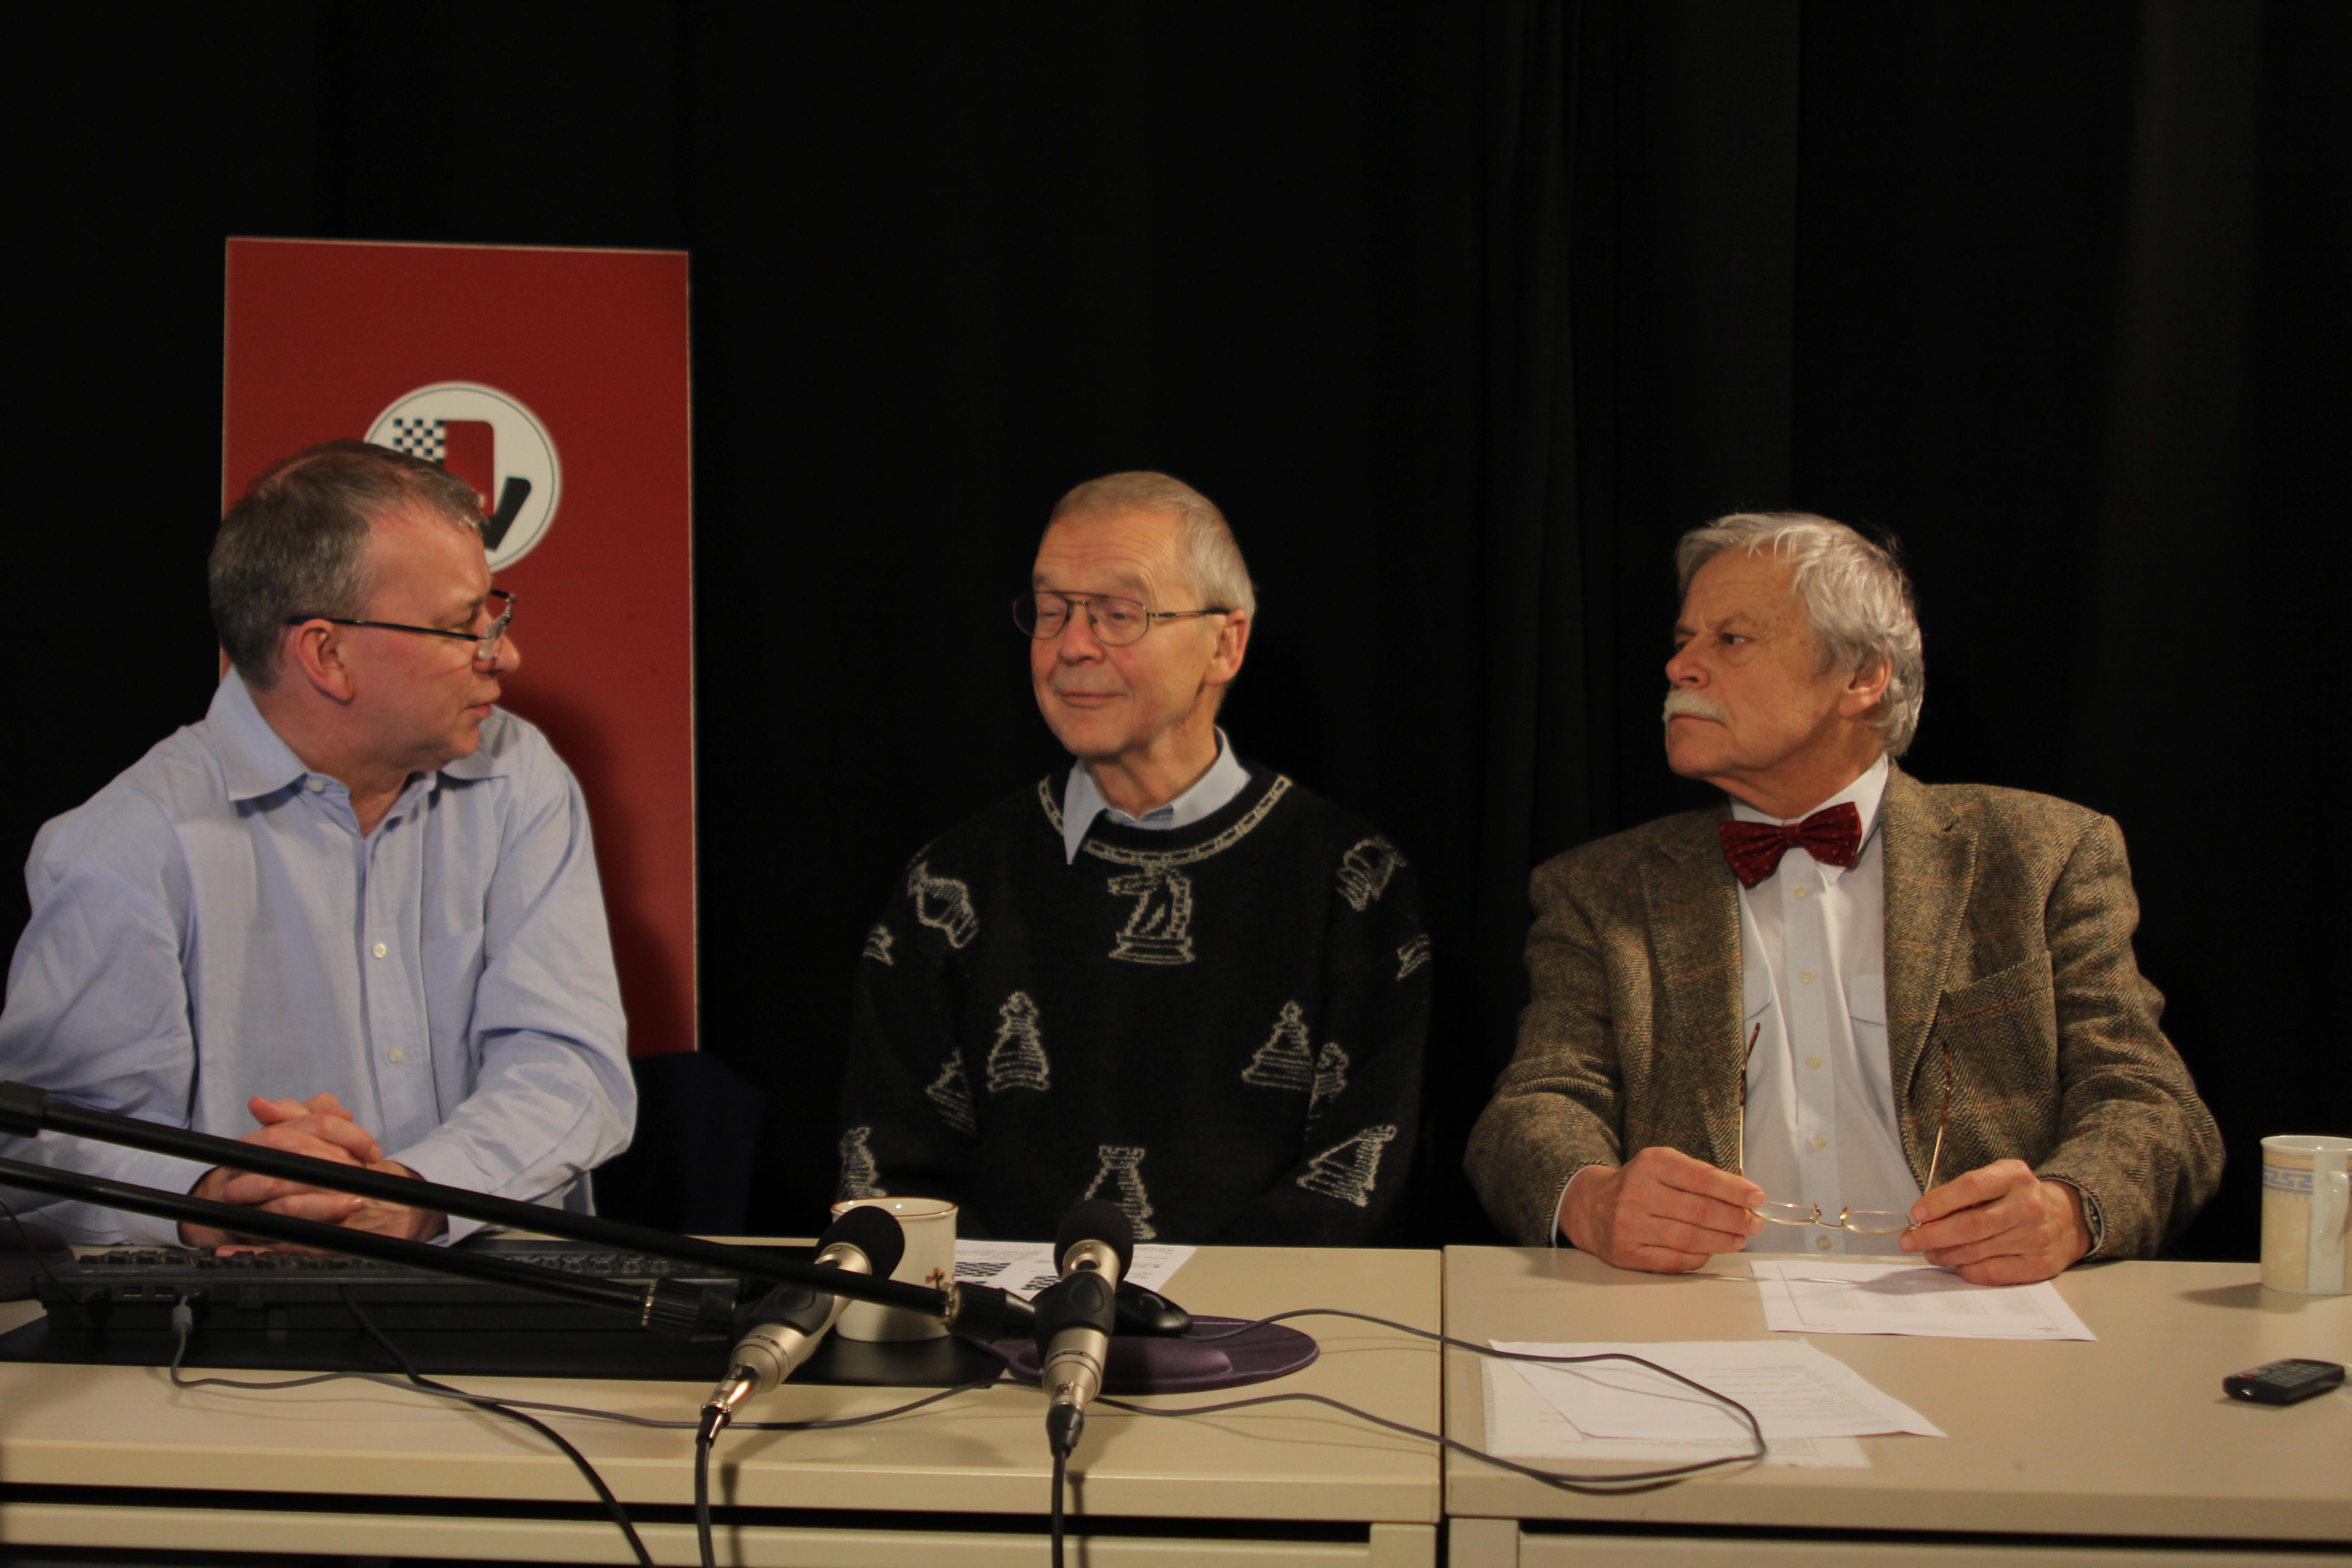 Andre-Schulz-Helmut-Pfleger-Vlastimil-Hort